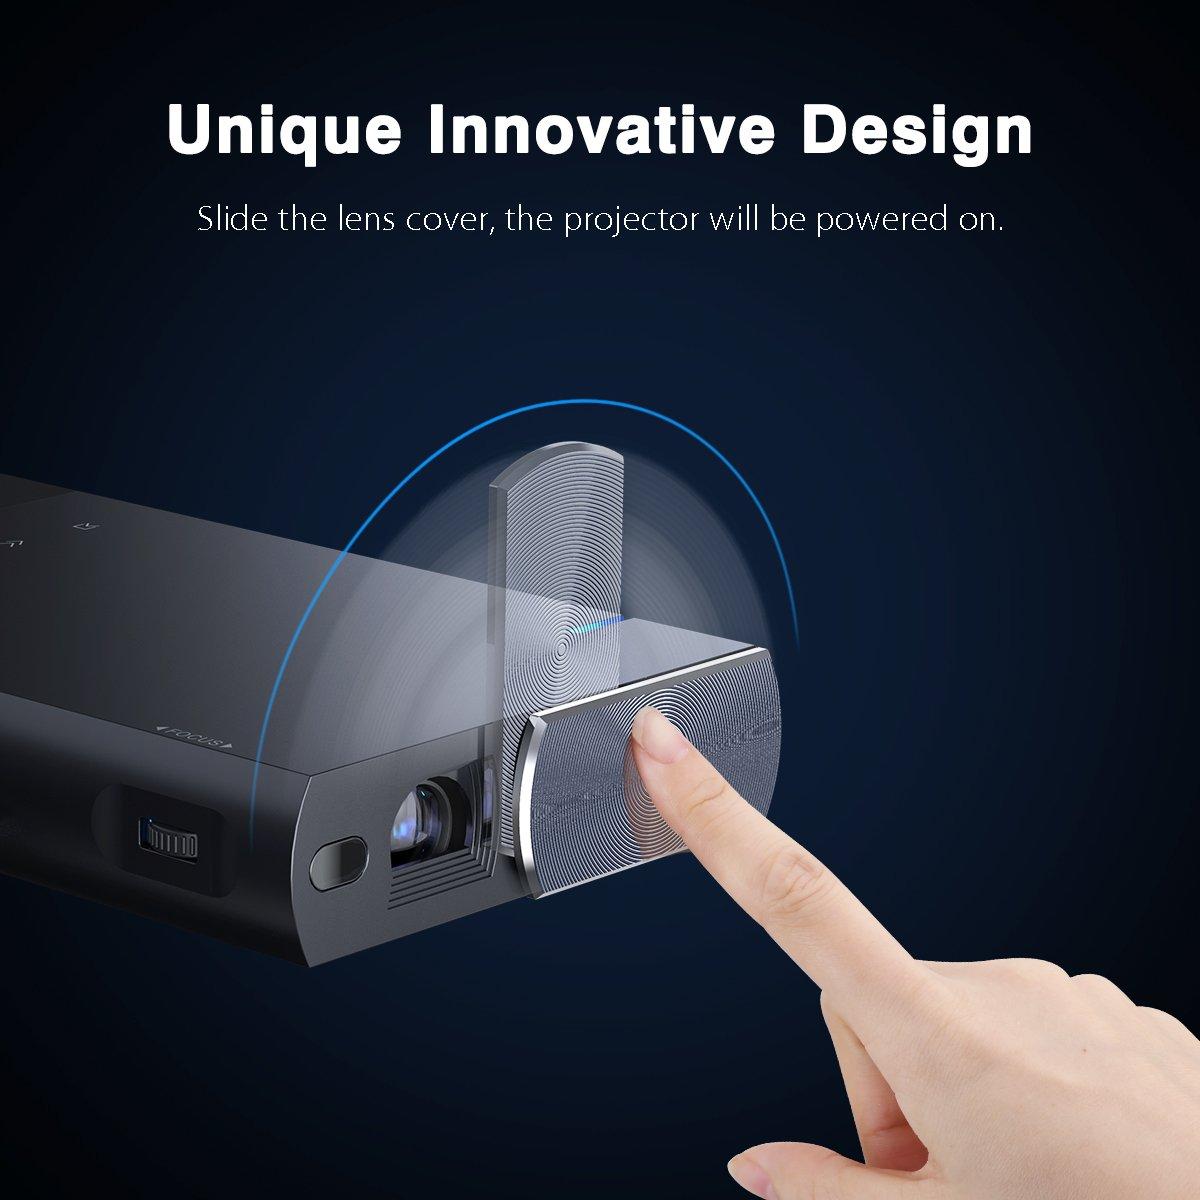 Beamer Mini DLP Projektor Pico Tragbar HDMI USB Micro-SD Audio S1 5200mAh wiederaufladbar 100 Zoll Stativ unterst/ützt 1080P f/ür Handy Smartphone Heimkino PC Tablet Familie inkl